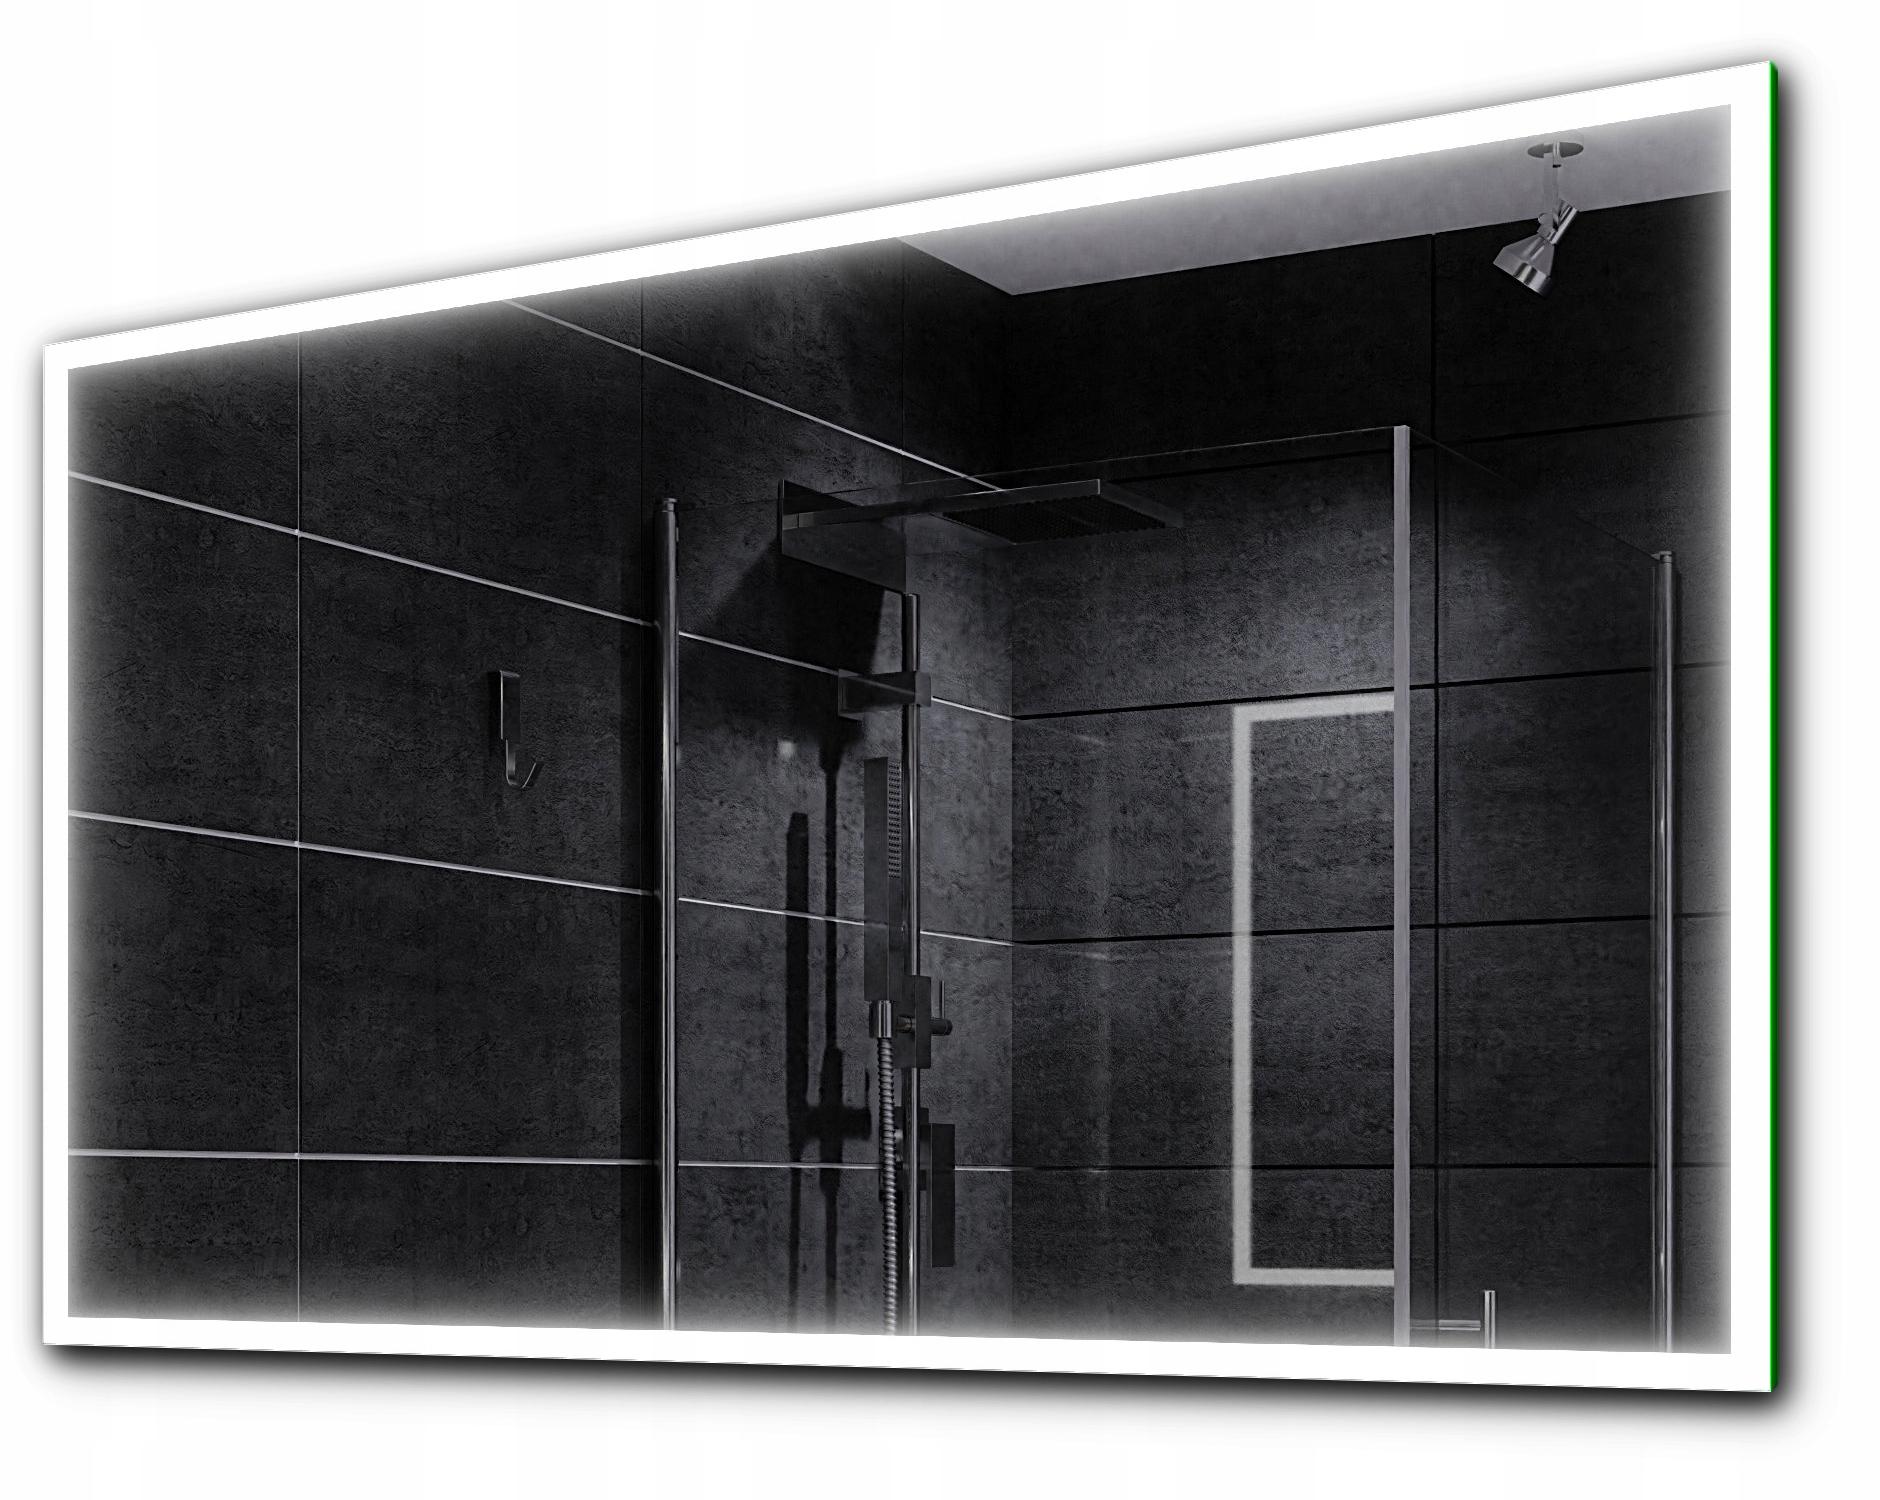 зеркало для ванной комнаты с подсветкой LED 80x60